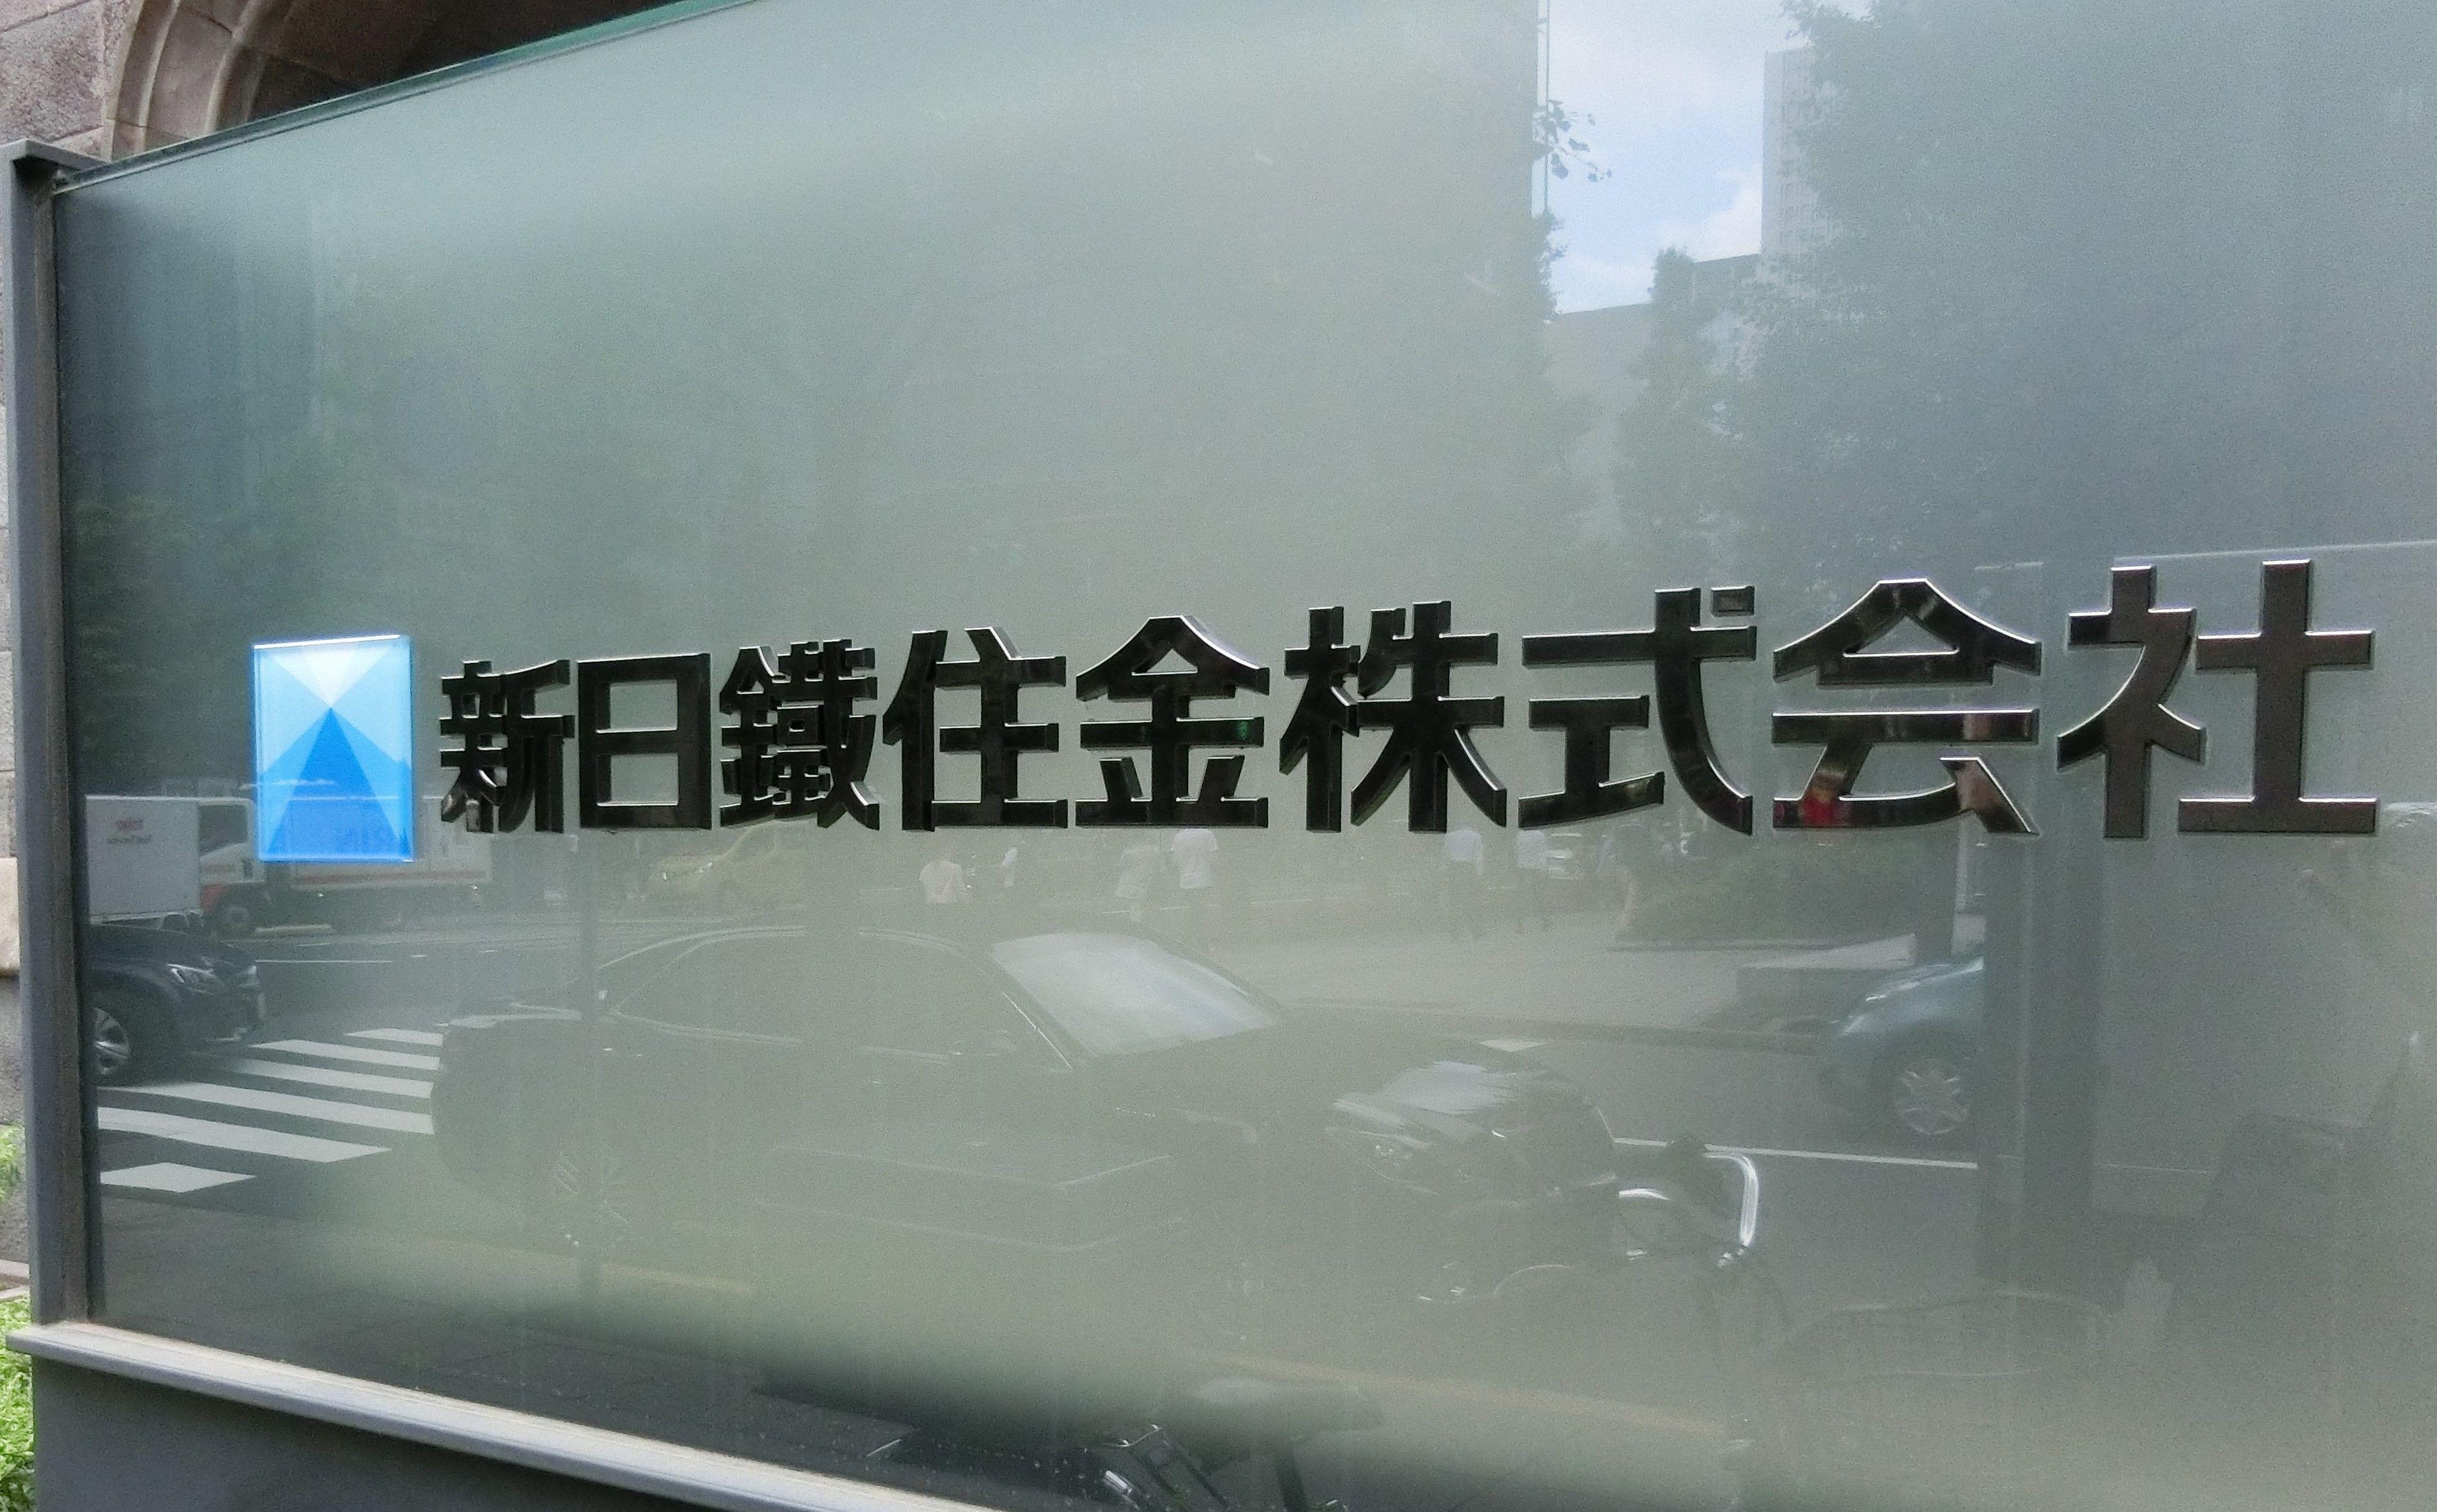 【新日鉄住金】69年ぶり「日本製鉄」復活。「住金」は消える